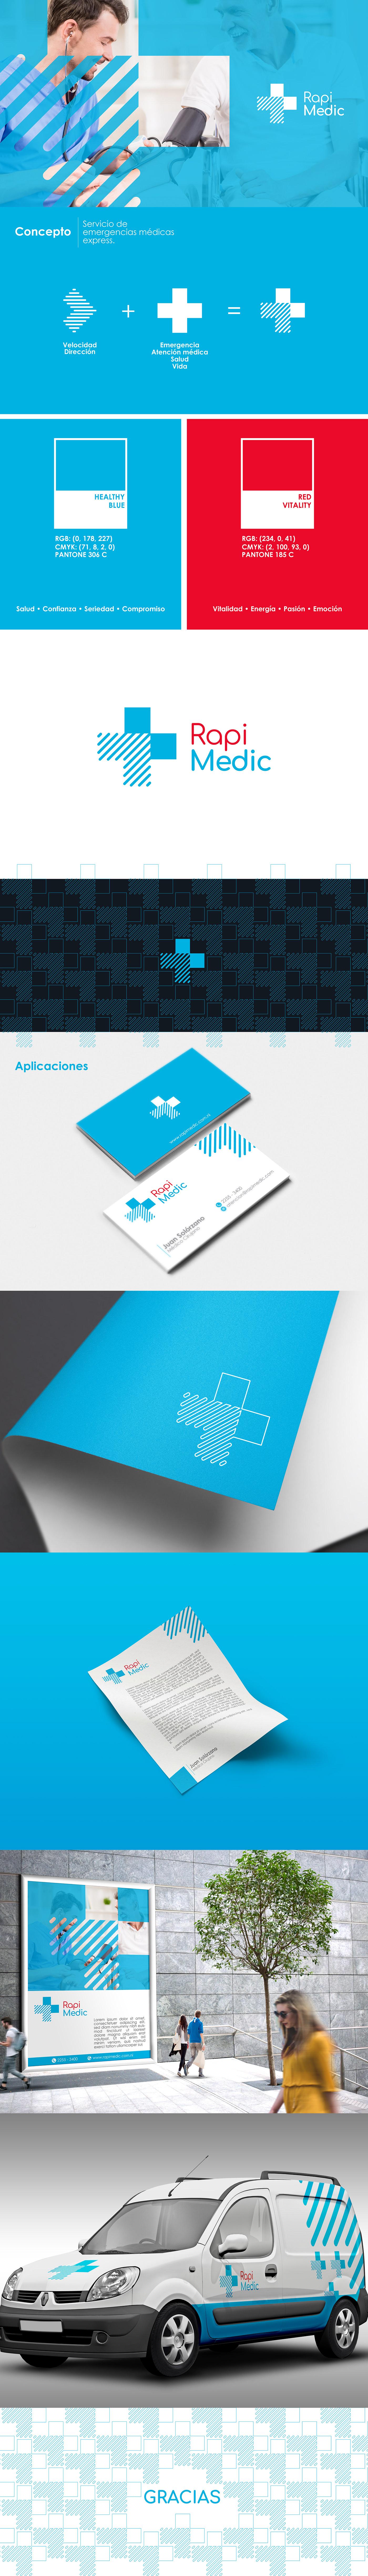 branding  diseño medicina salud express Health rapimedic publicidad marca